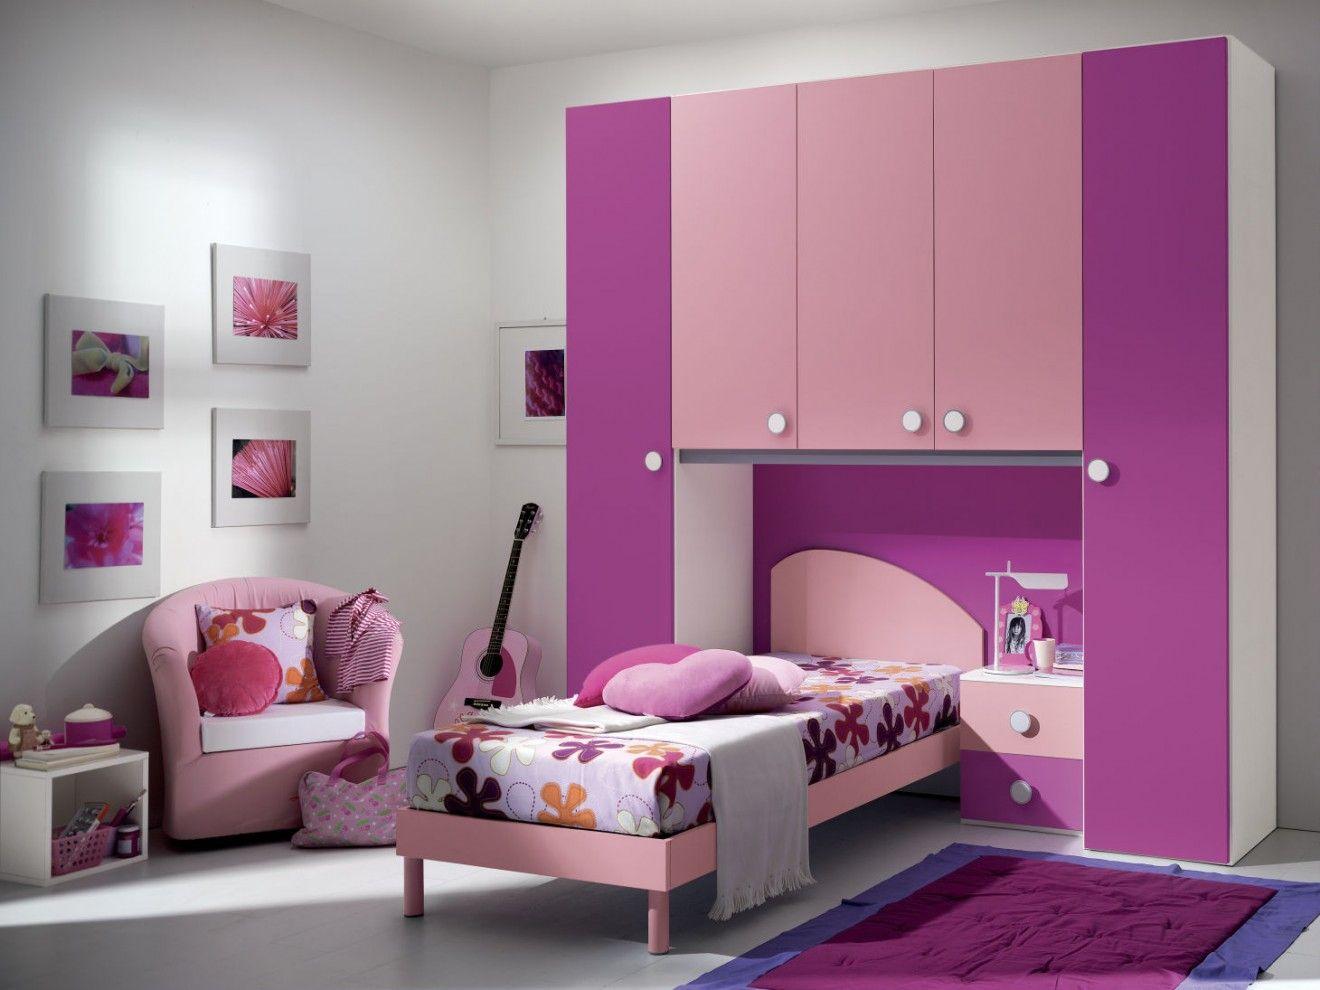 Design Camerette ~ Cameretta a ponte cecilia #bedrooms #camerette #furnishing #design